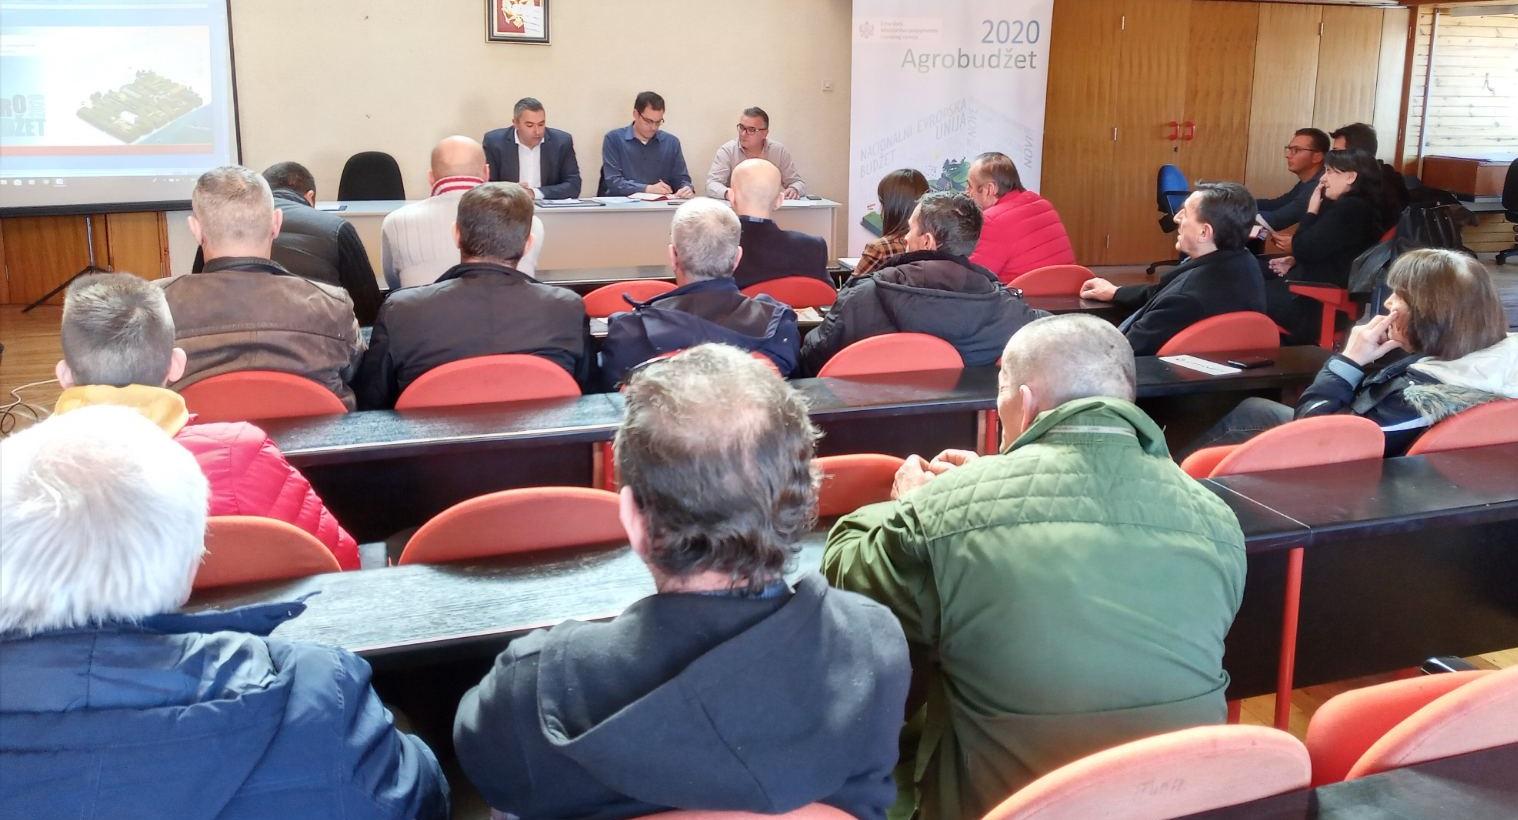 Mjere podrške kroz Agrobudžet predstavljene u Šavniku i Žabljaku